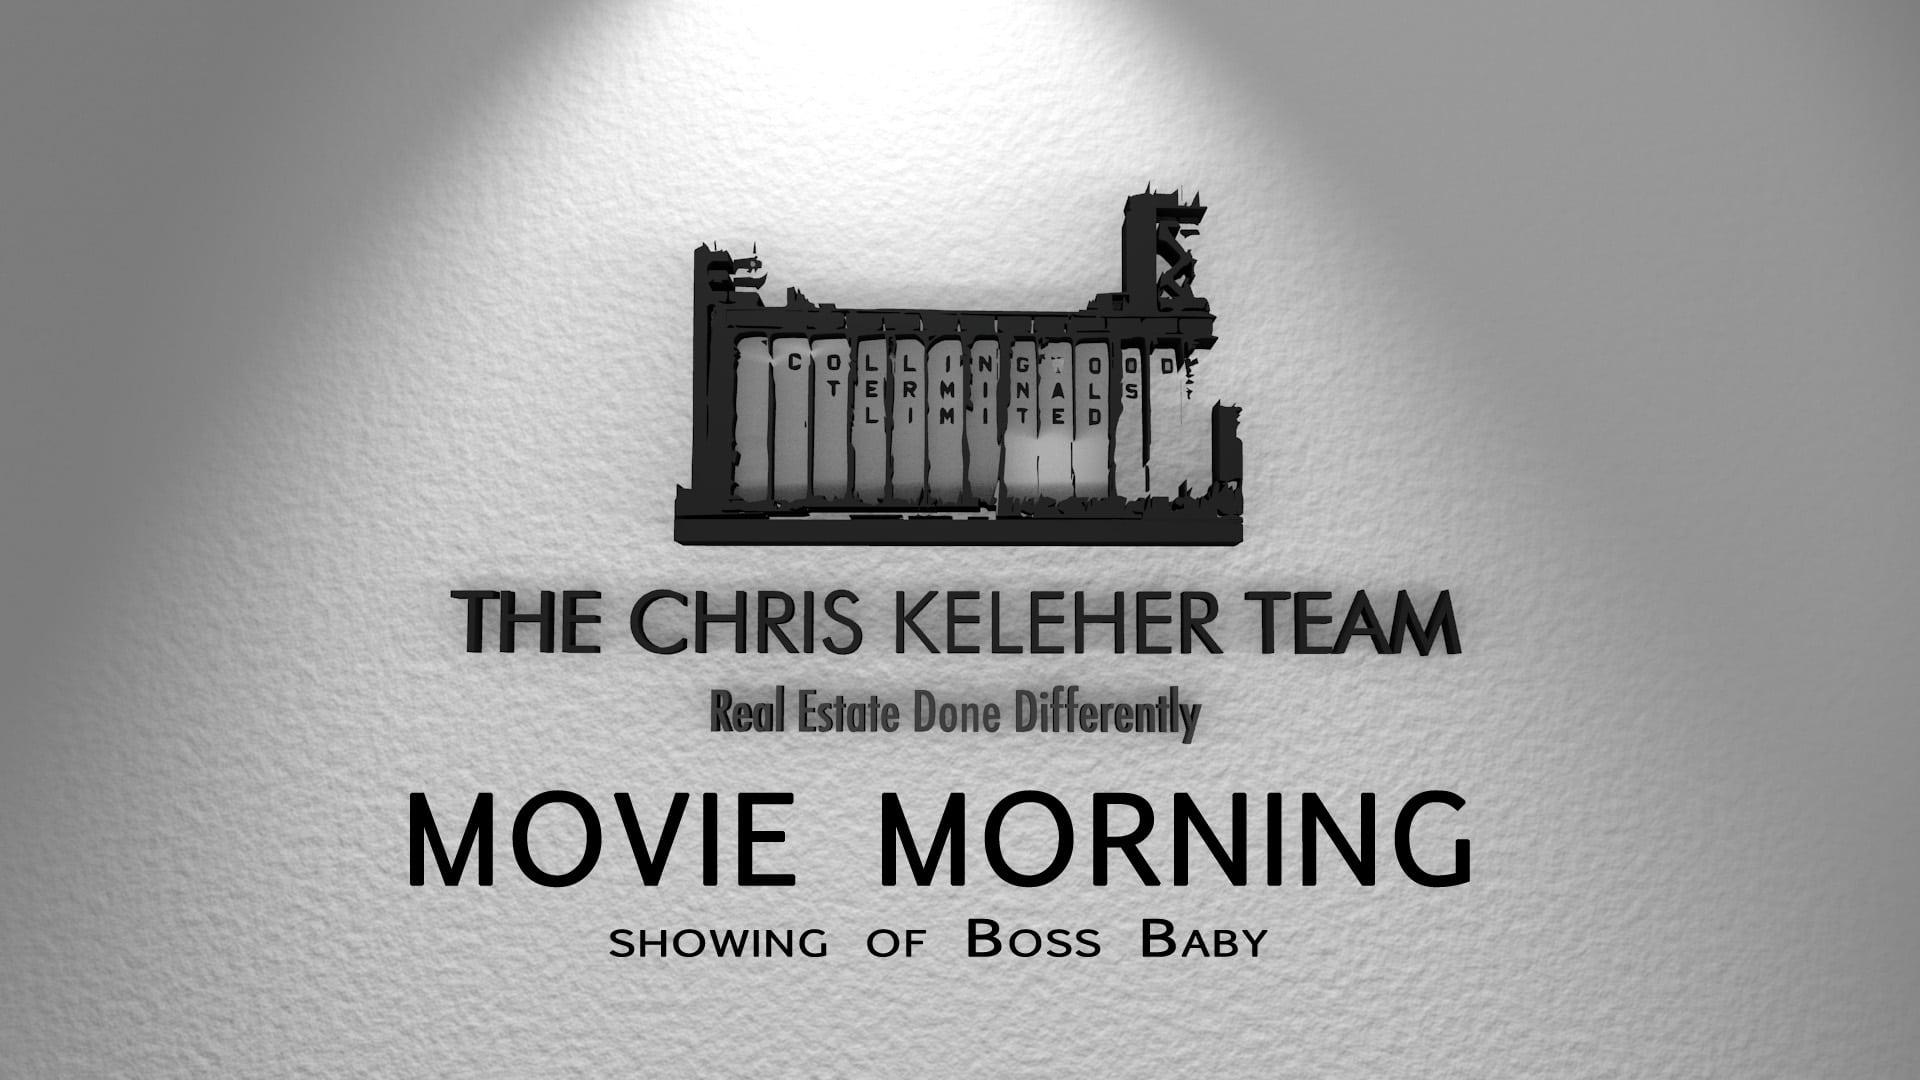 The Chris Keleher Team Movie Morning